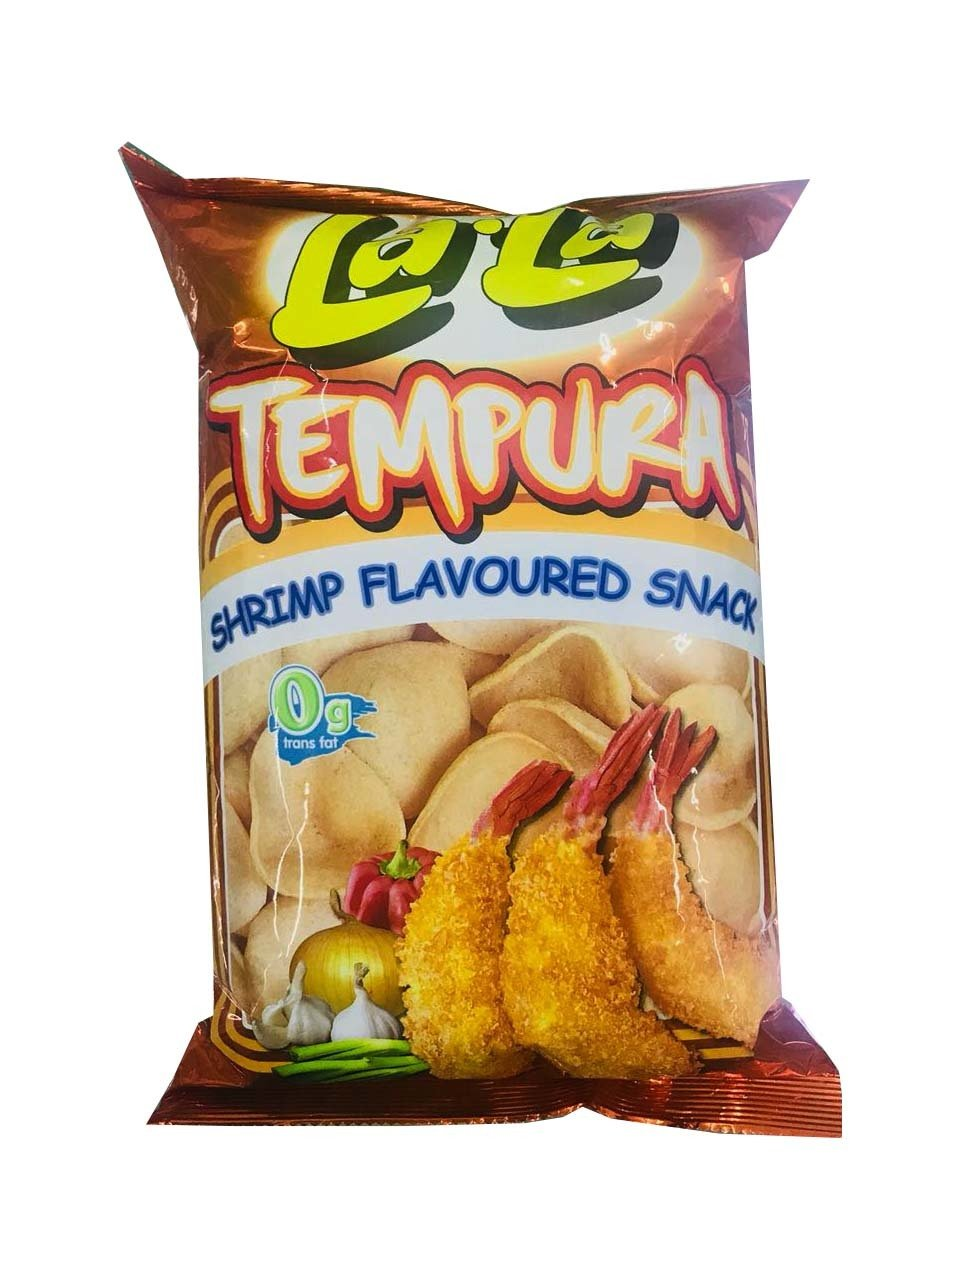 La-La Tempura Shrimp Flavoured Snack 100g